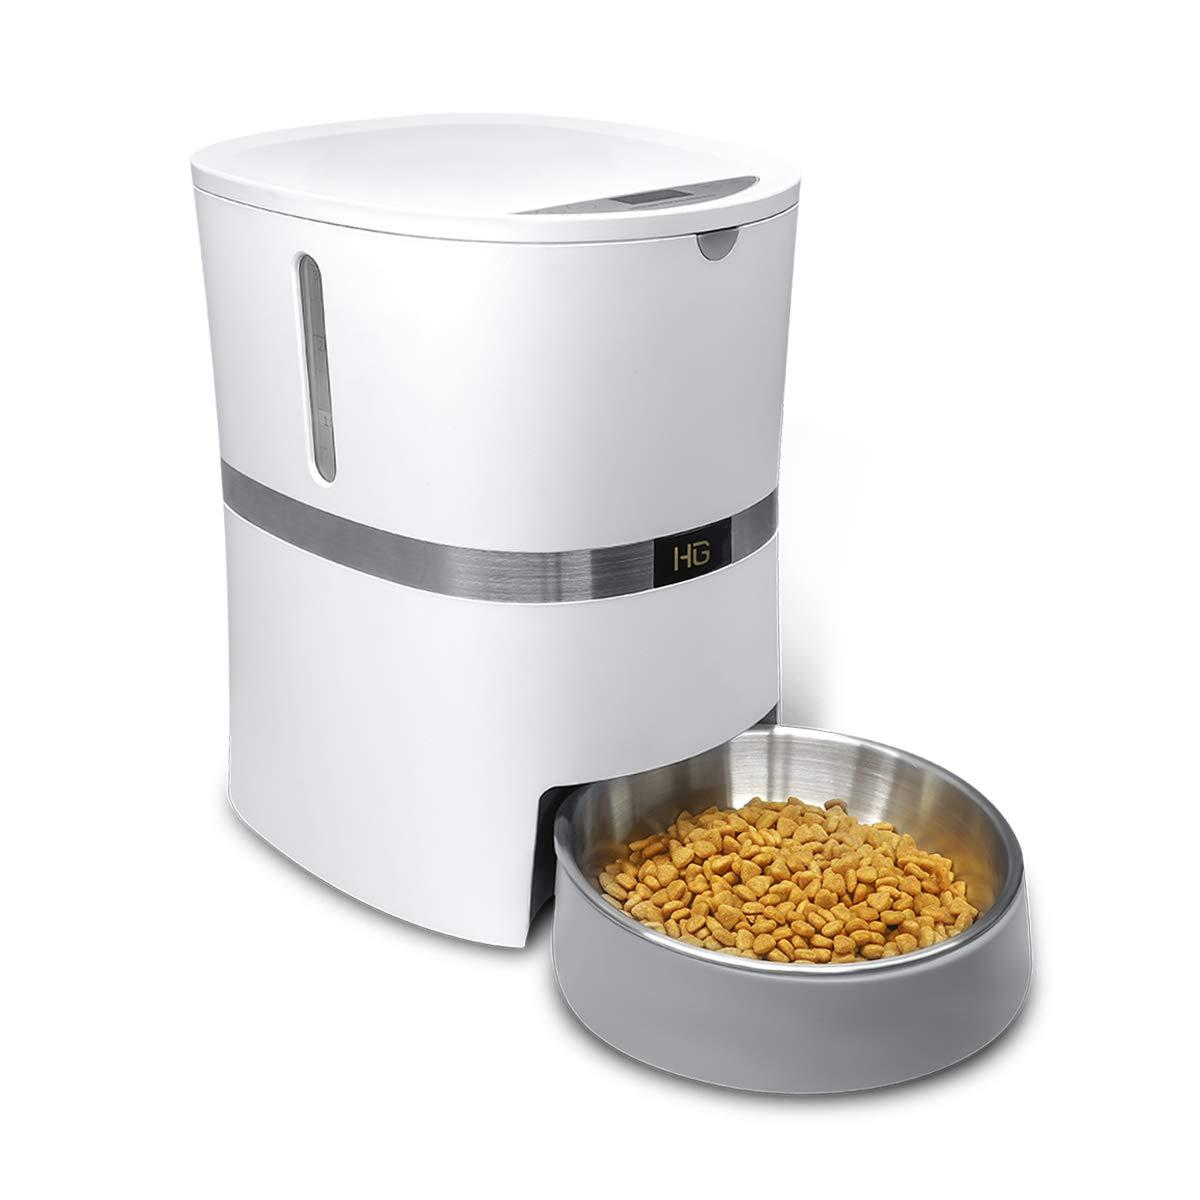 Dispensador automático de comida para perros HoneyGuardian